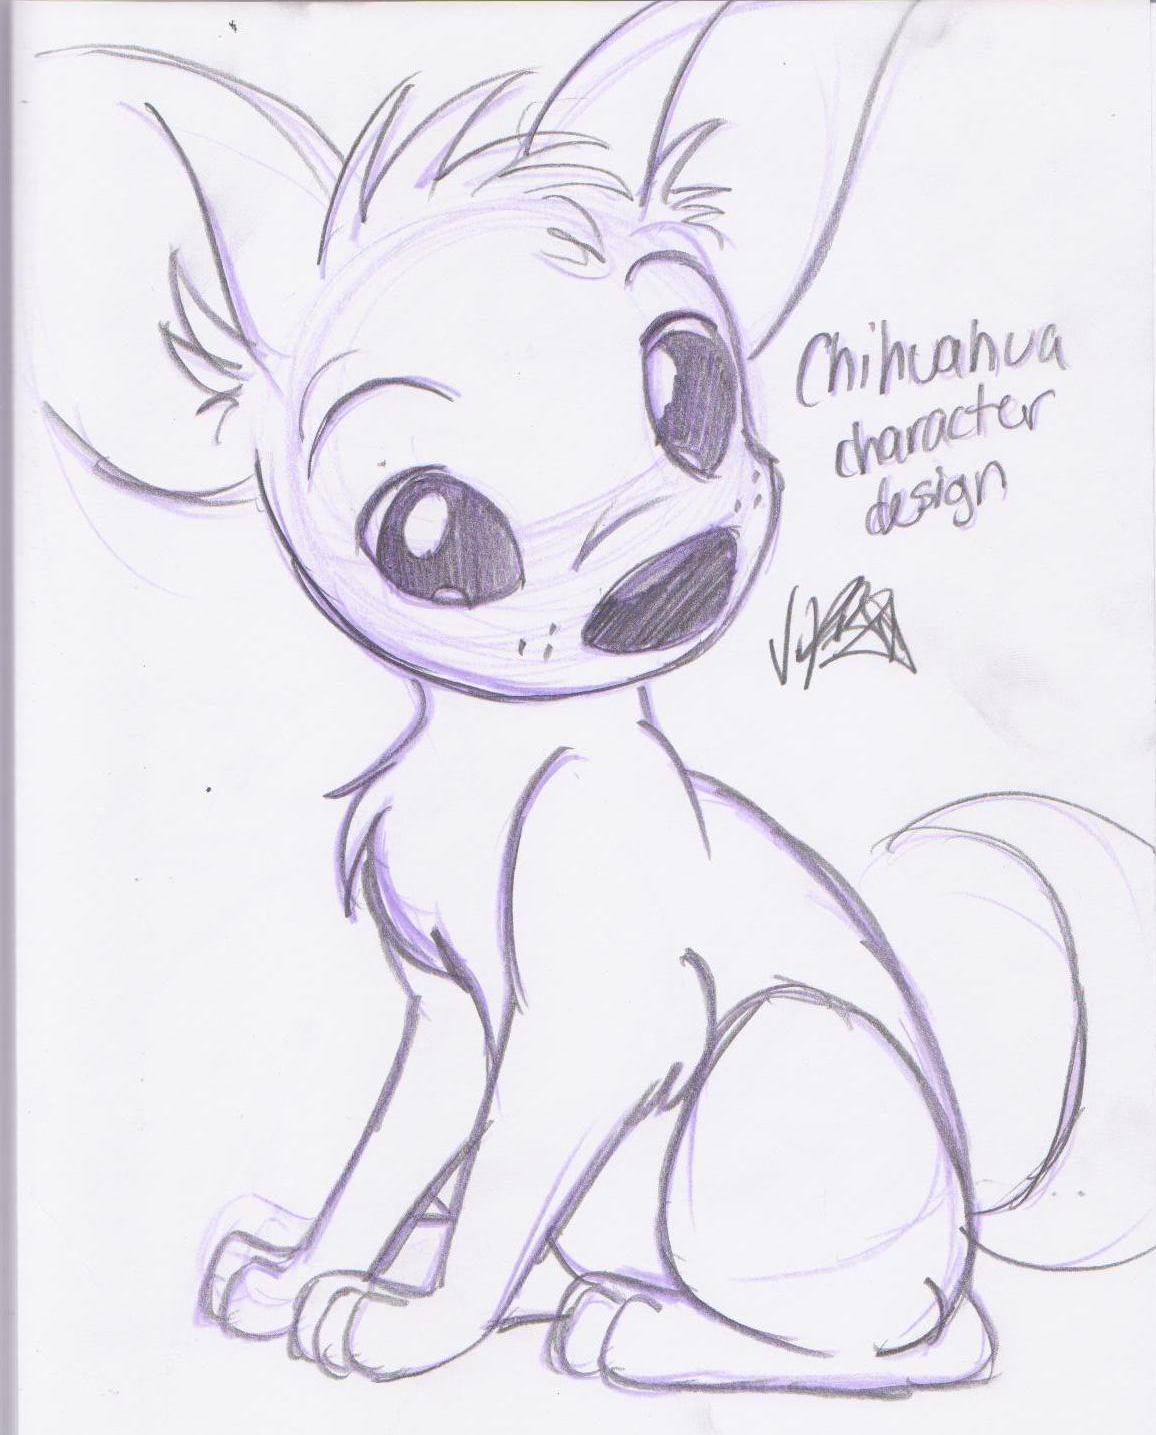 1156x1435 Chihuahua Drawing Chihuahuas! Drawings, Drawing